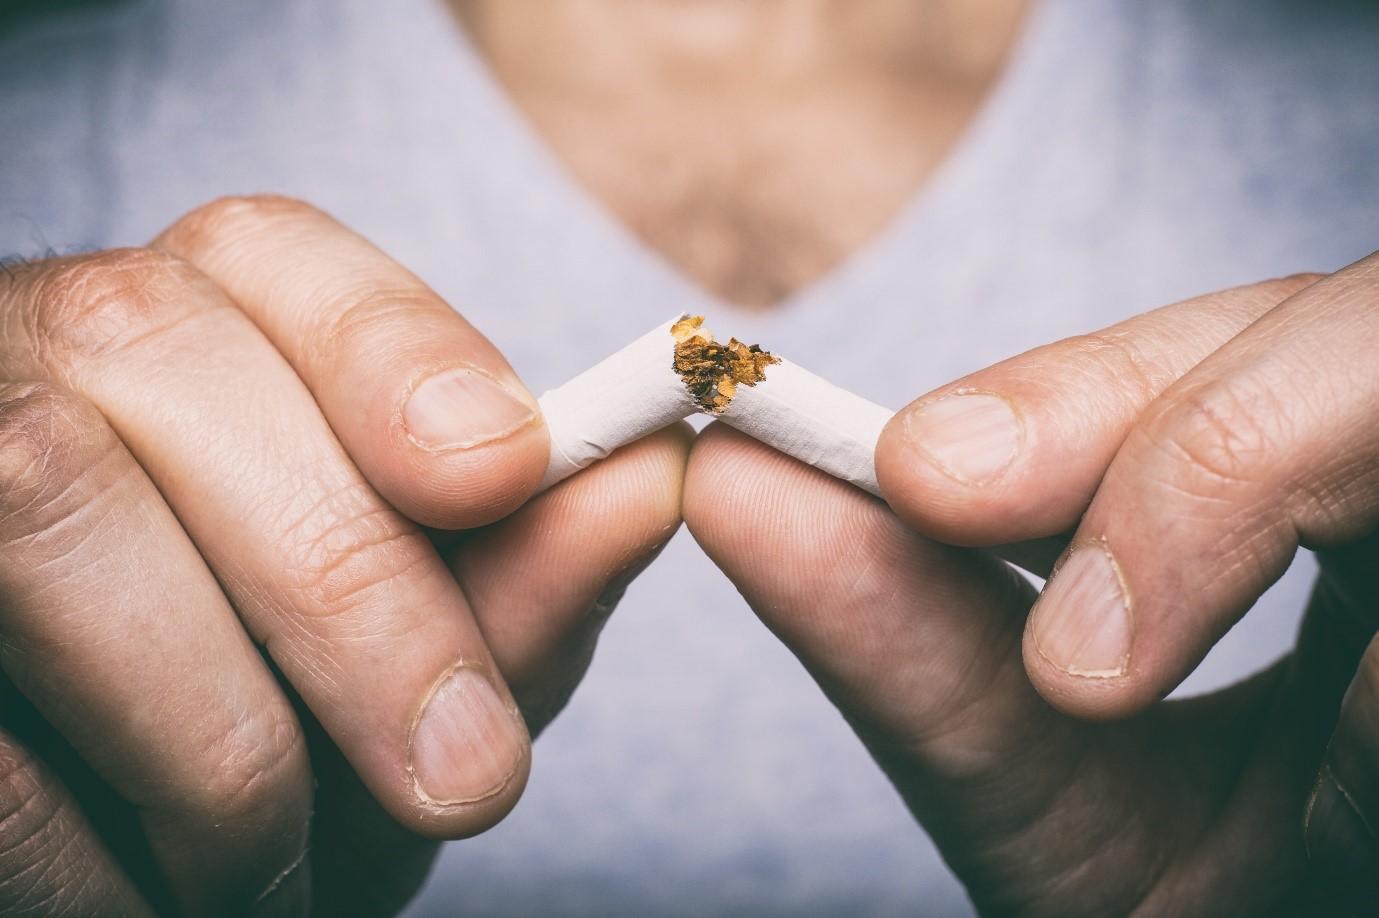 Álmos állapot leszokni a dohányzásról, Leszokna a dohányzásról? Módszerek, amik beváltak